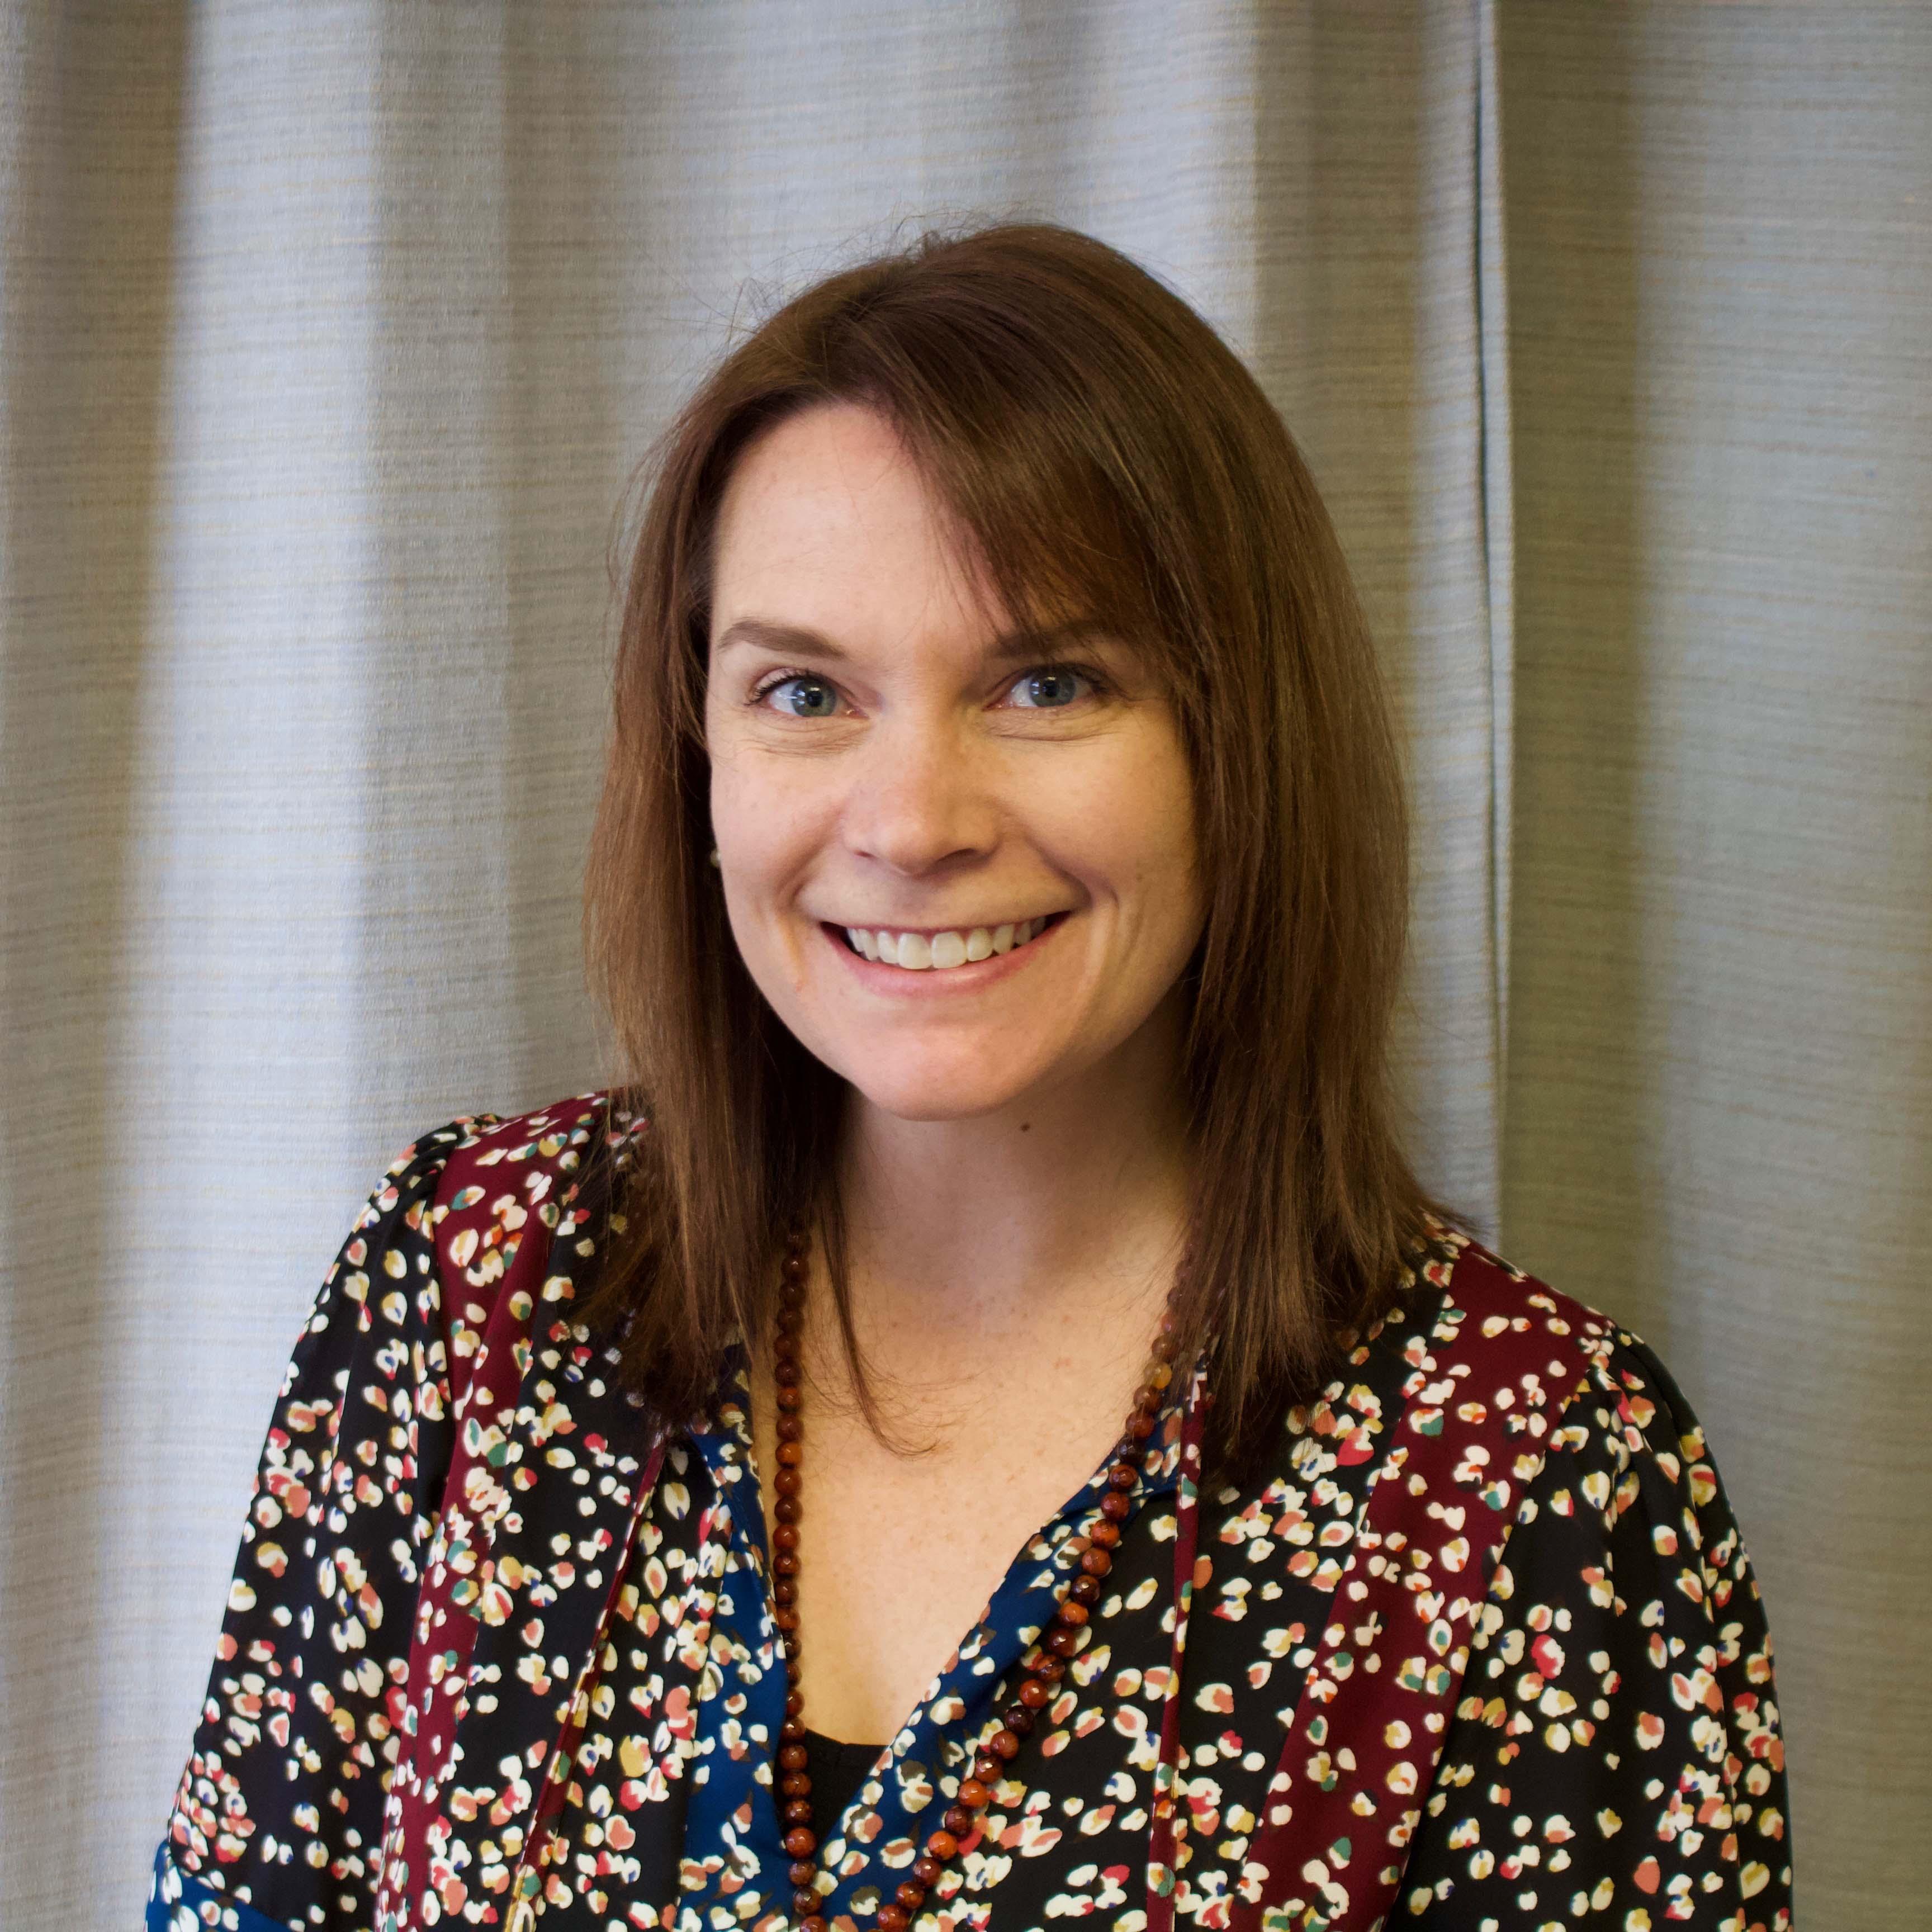 Kristin Lupfer Headshot